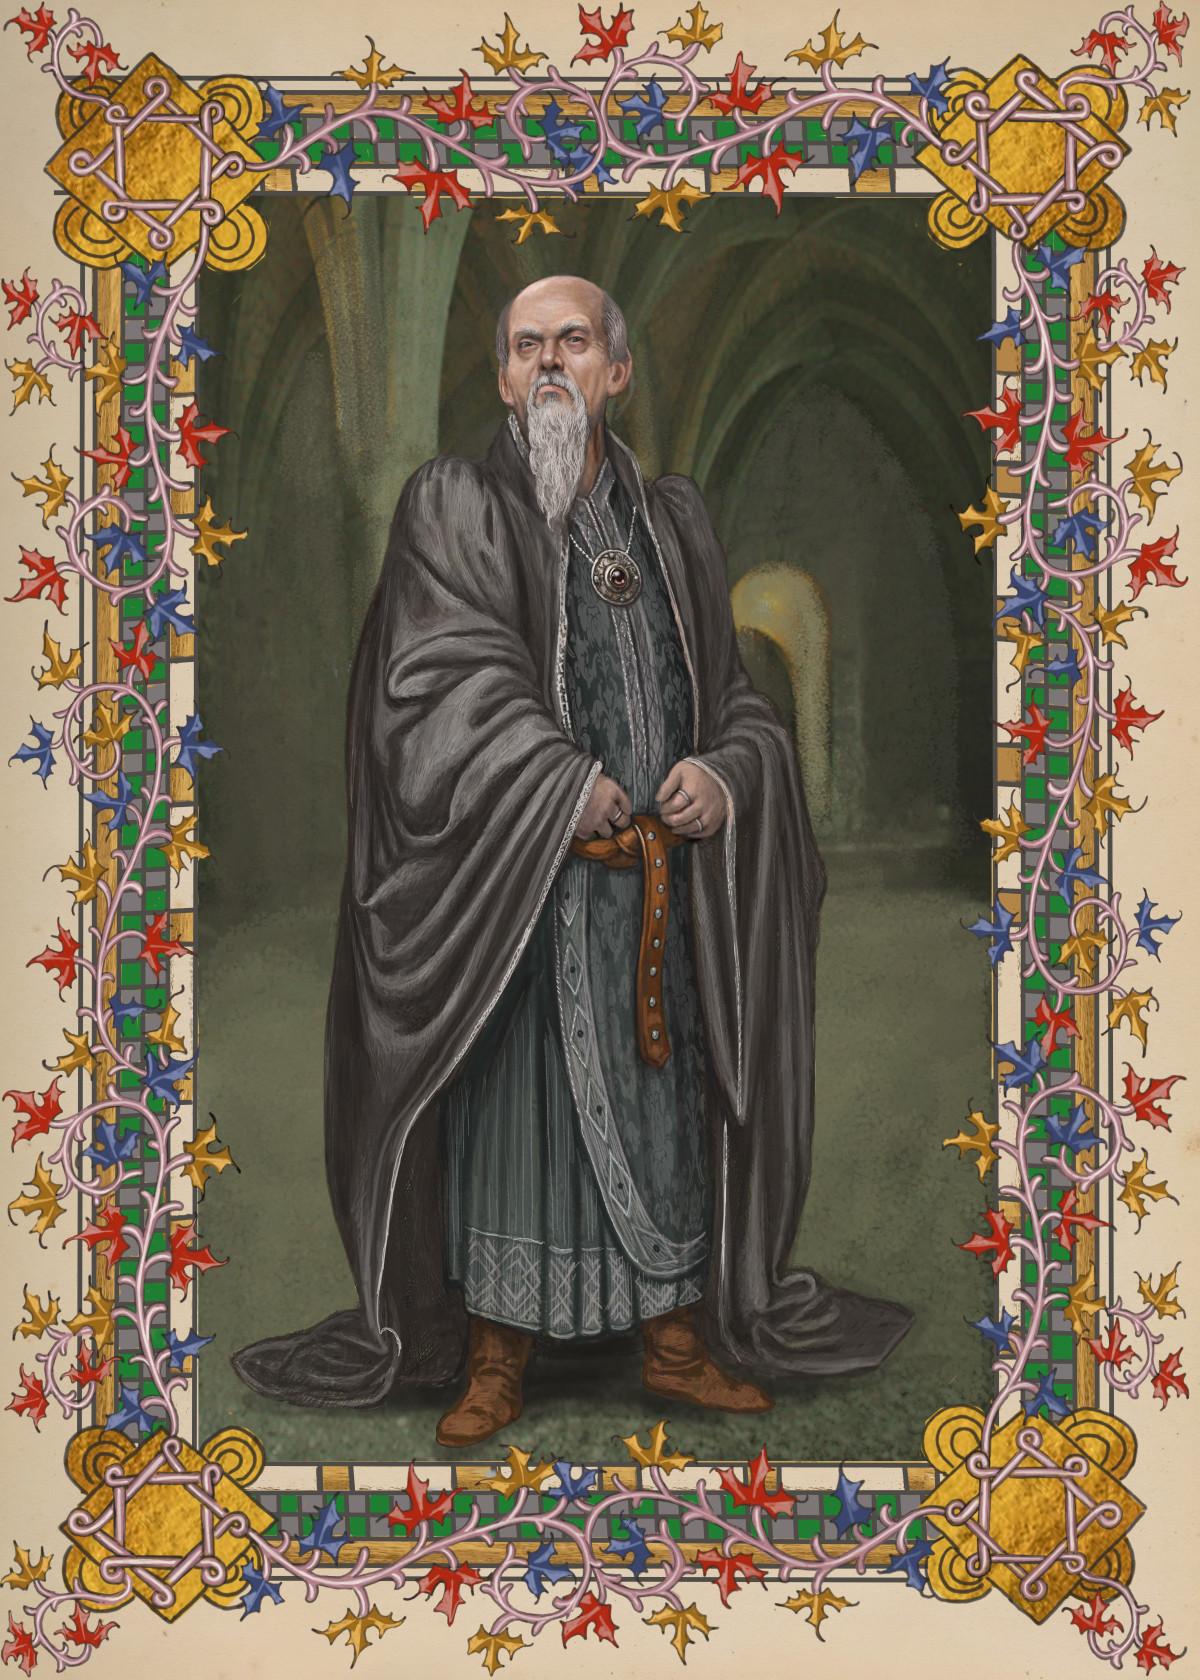 Salazar Slytherin Pottermore